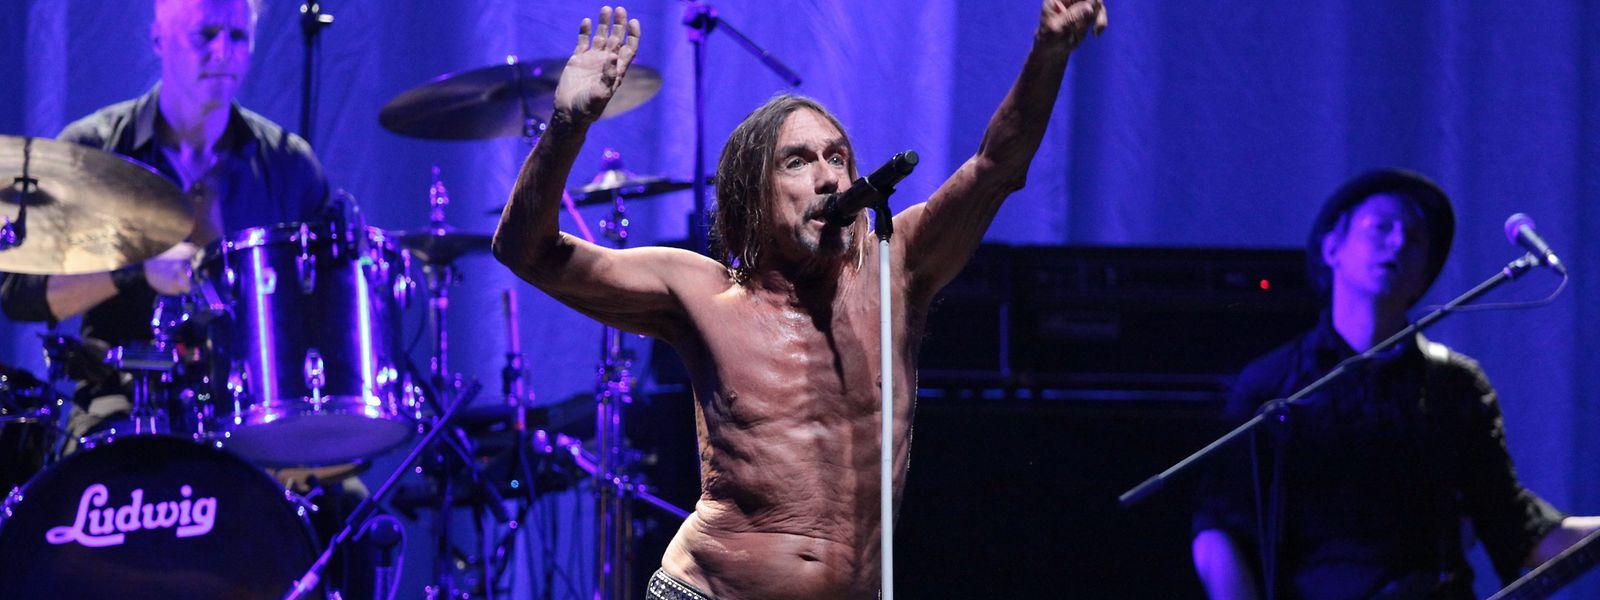 Dynamische bis exzessive Bühnenauftritte mit nacktem Oberkörper bleiben sein Markenzeichen: Iggy Pop hat eine neue Platte.